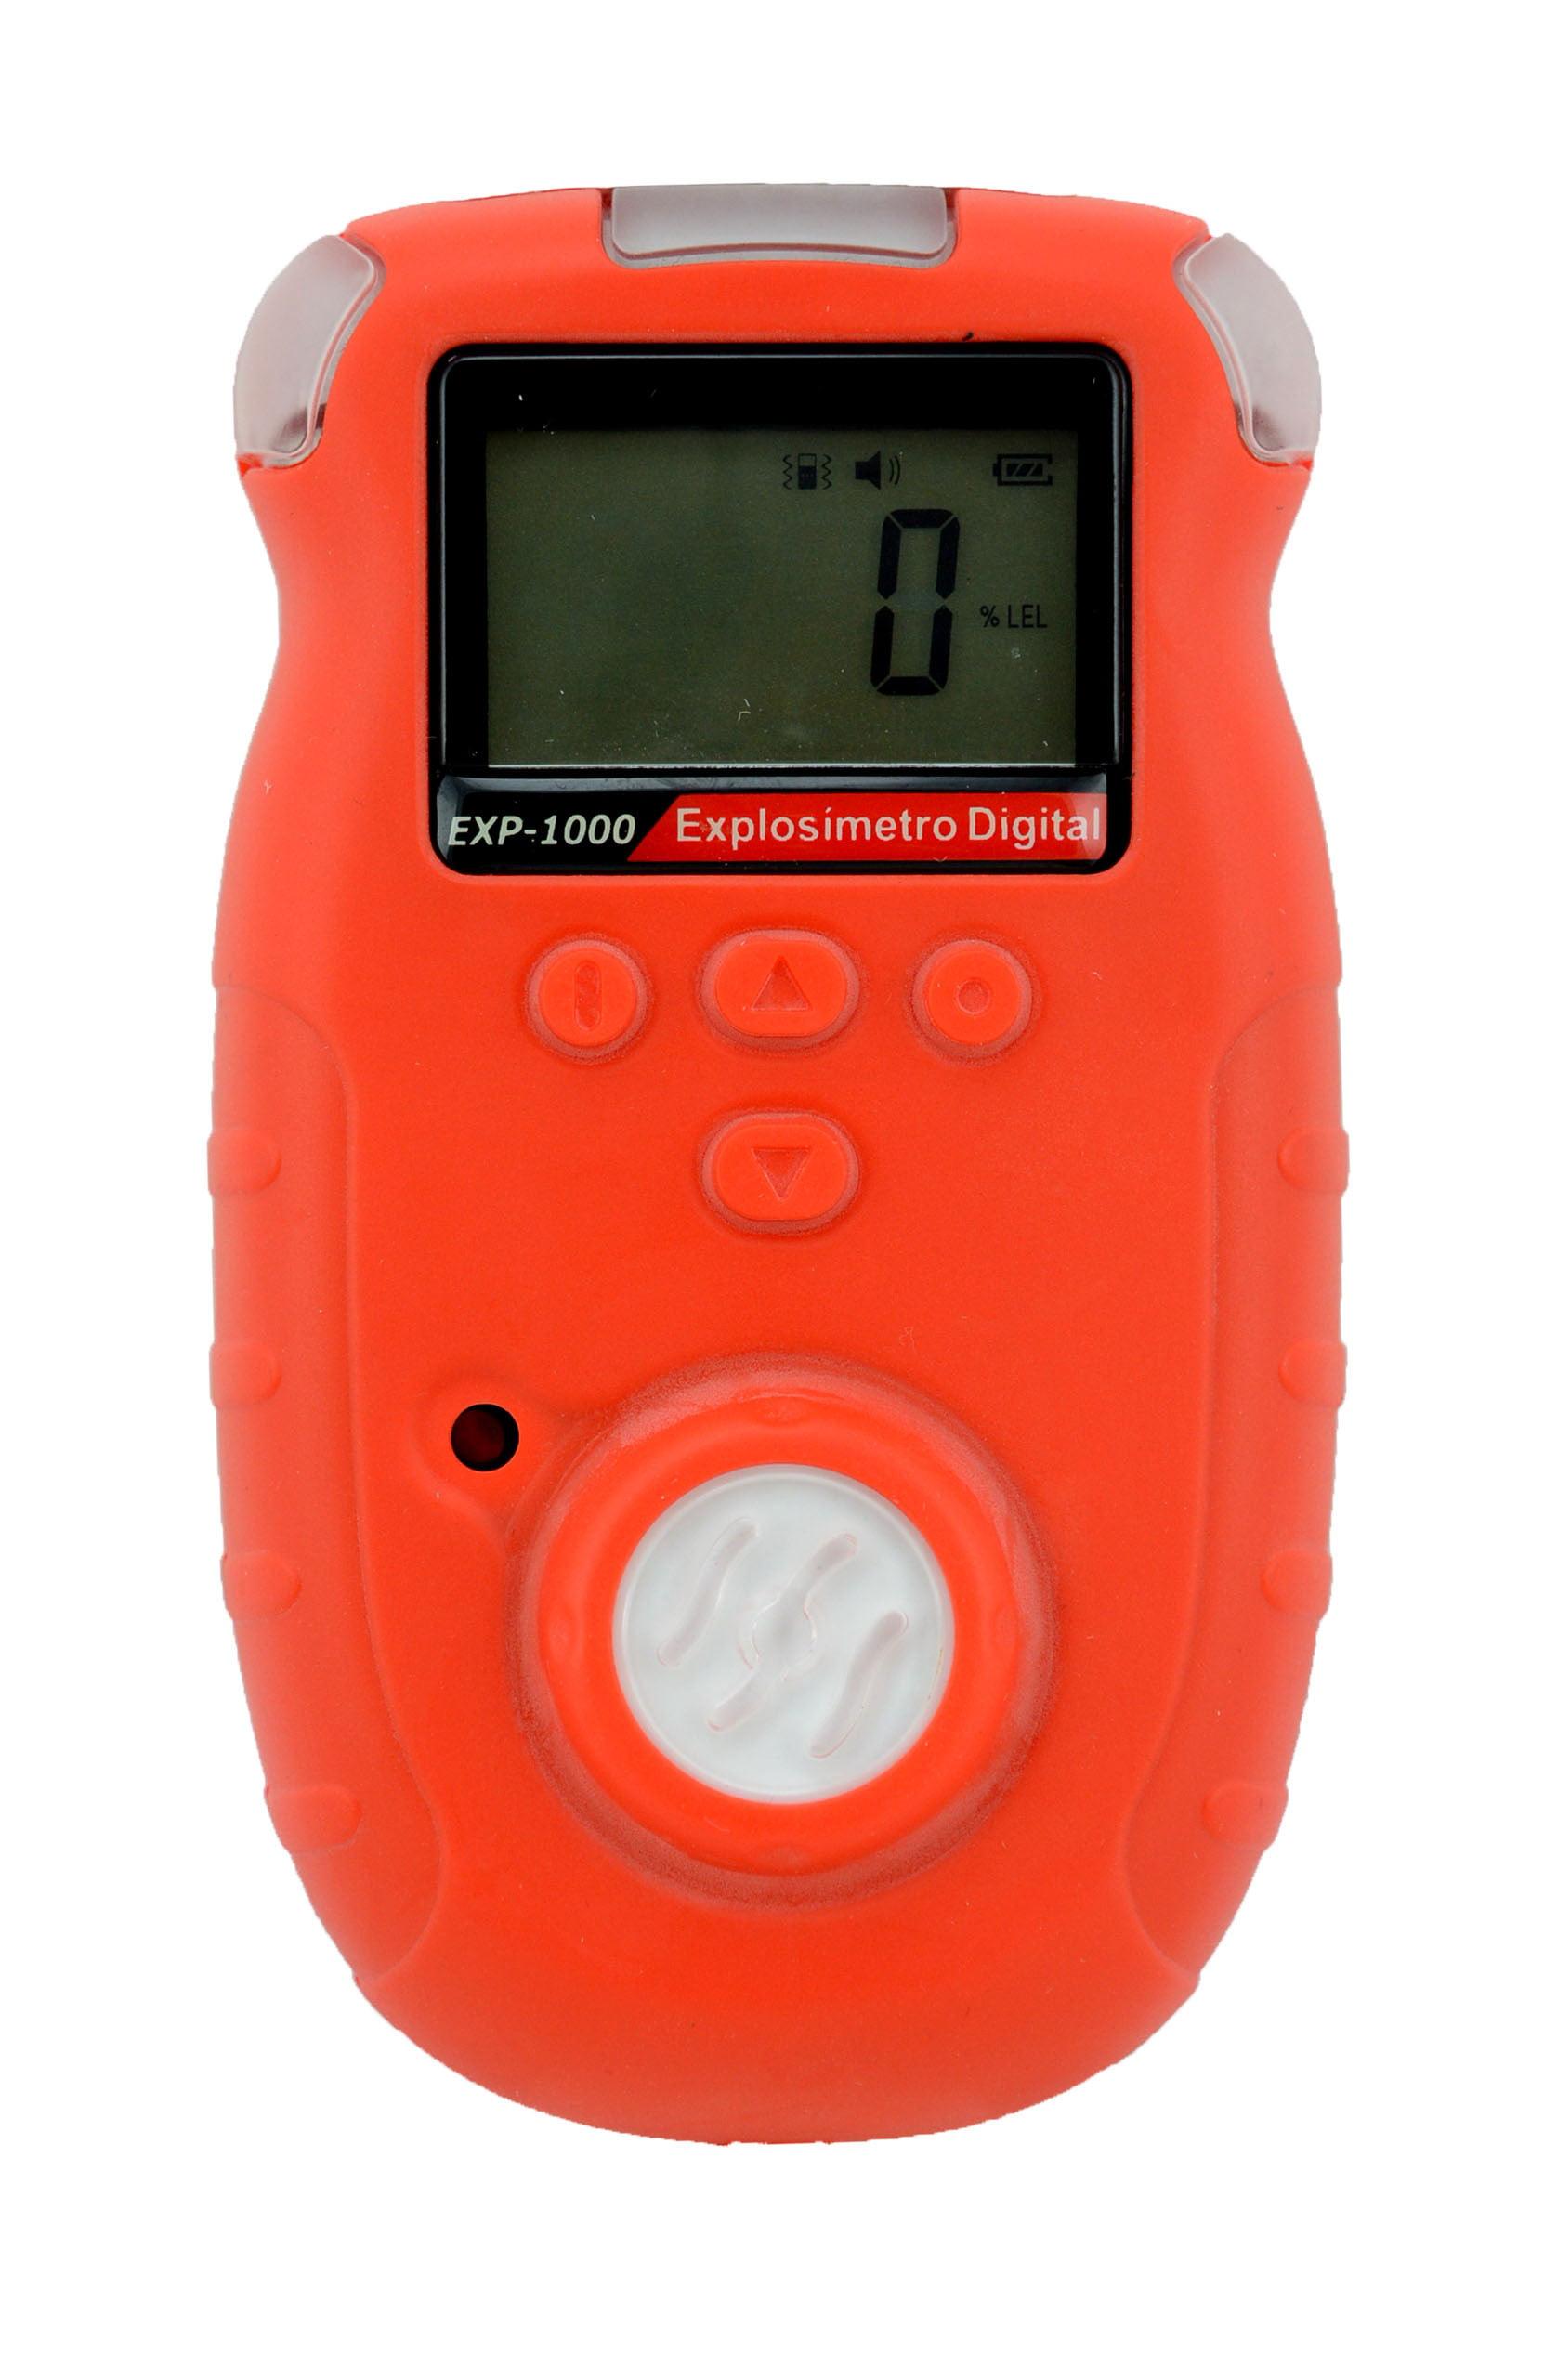 Explosímetro - IP-65 - EXP-1000